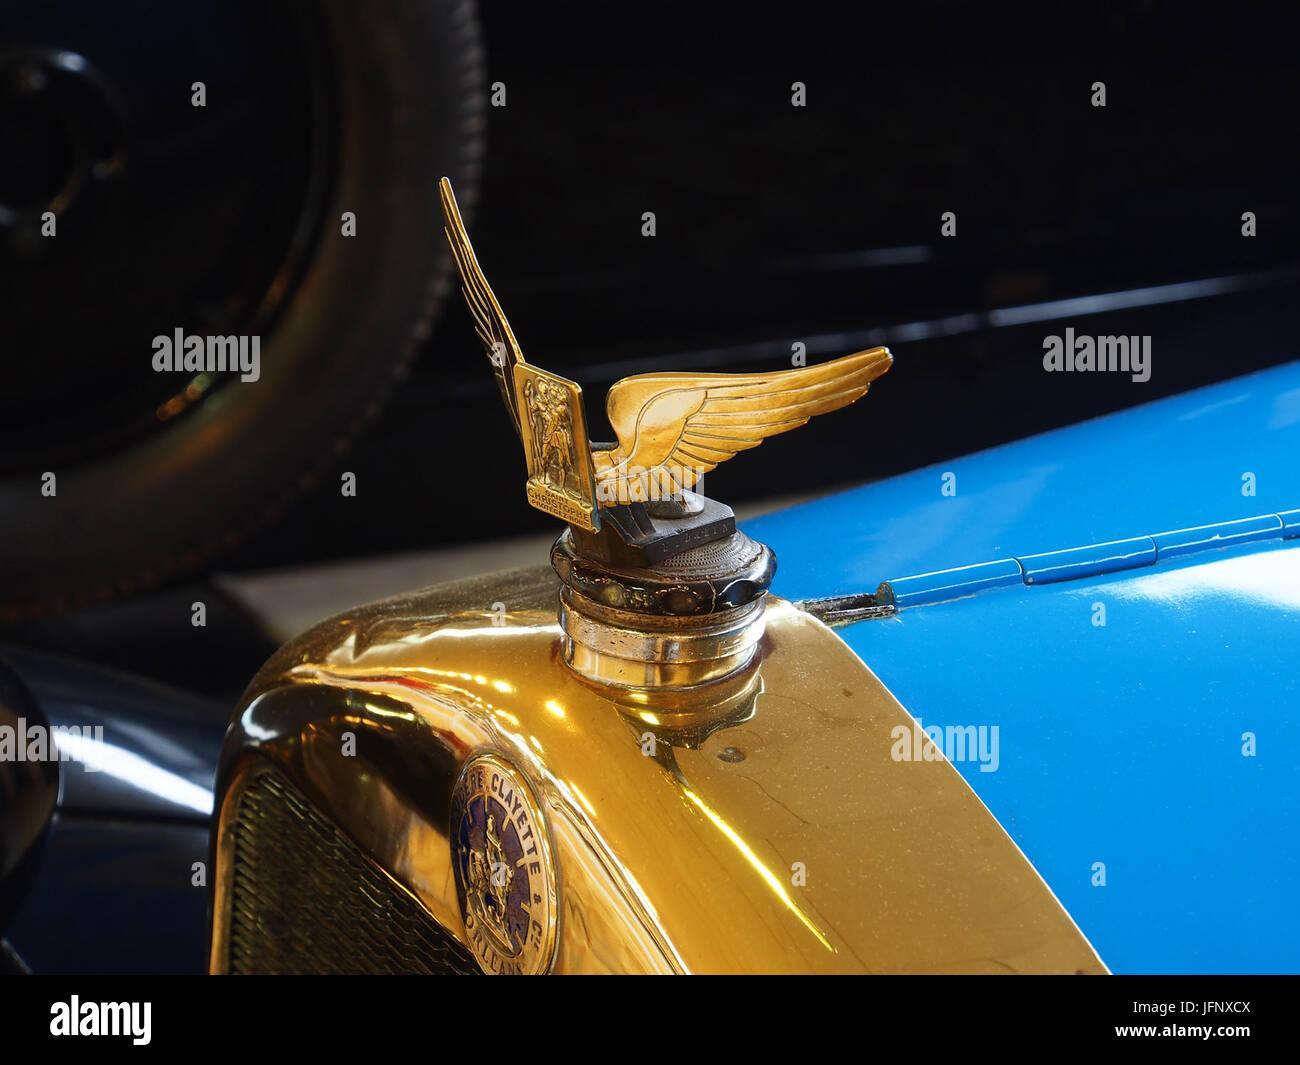 Ausgezeichnet Automobil Lebenslauf Stichprobe Fotos - Entry Level ...